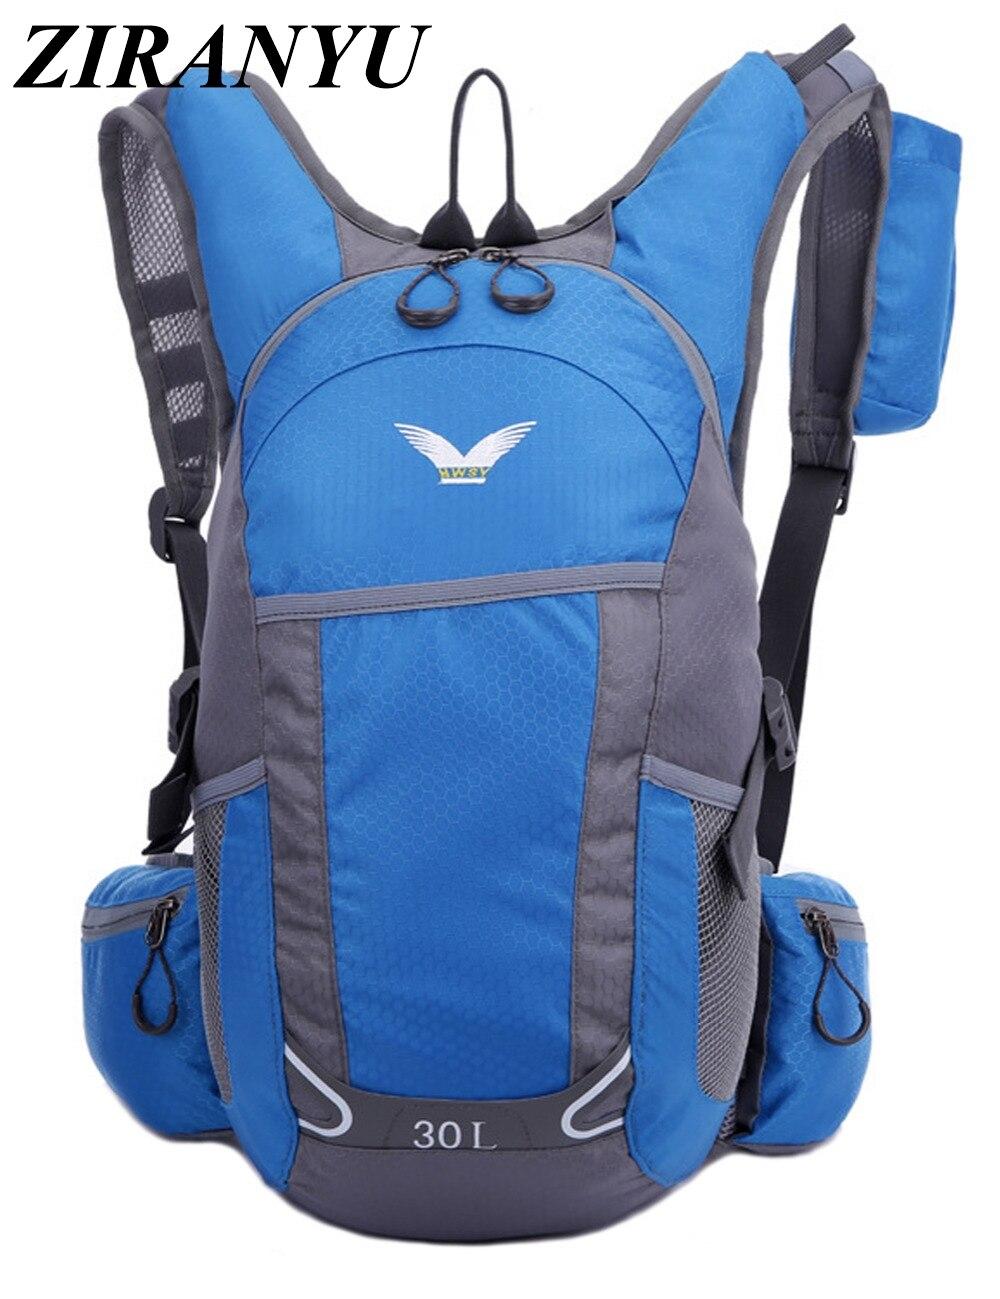 30L Waterproof Nylon Bicycle Backpacks Ultralight Bag For Riding Rucksacks Packsack Road Bag Mochila Bagpack